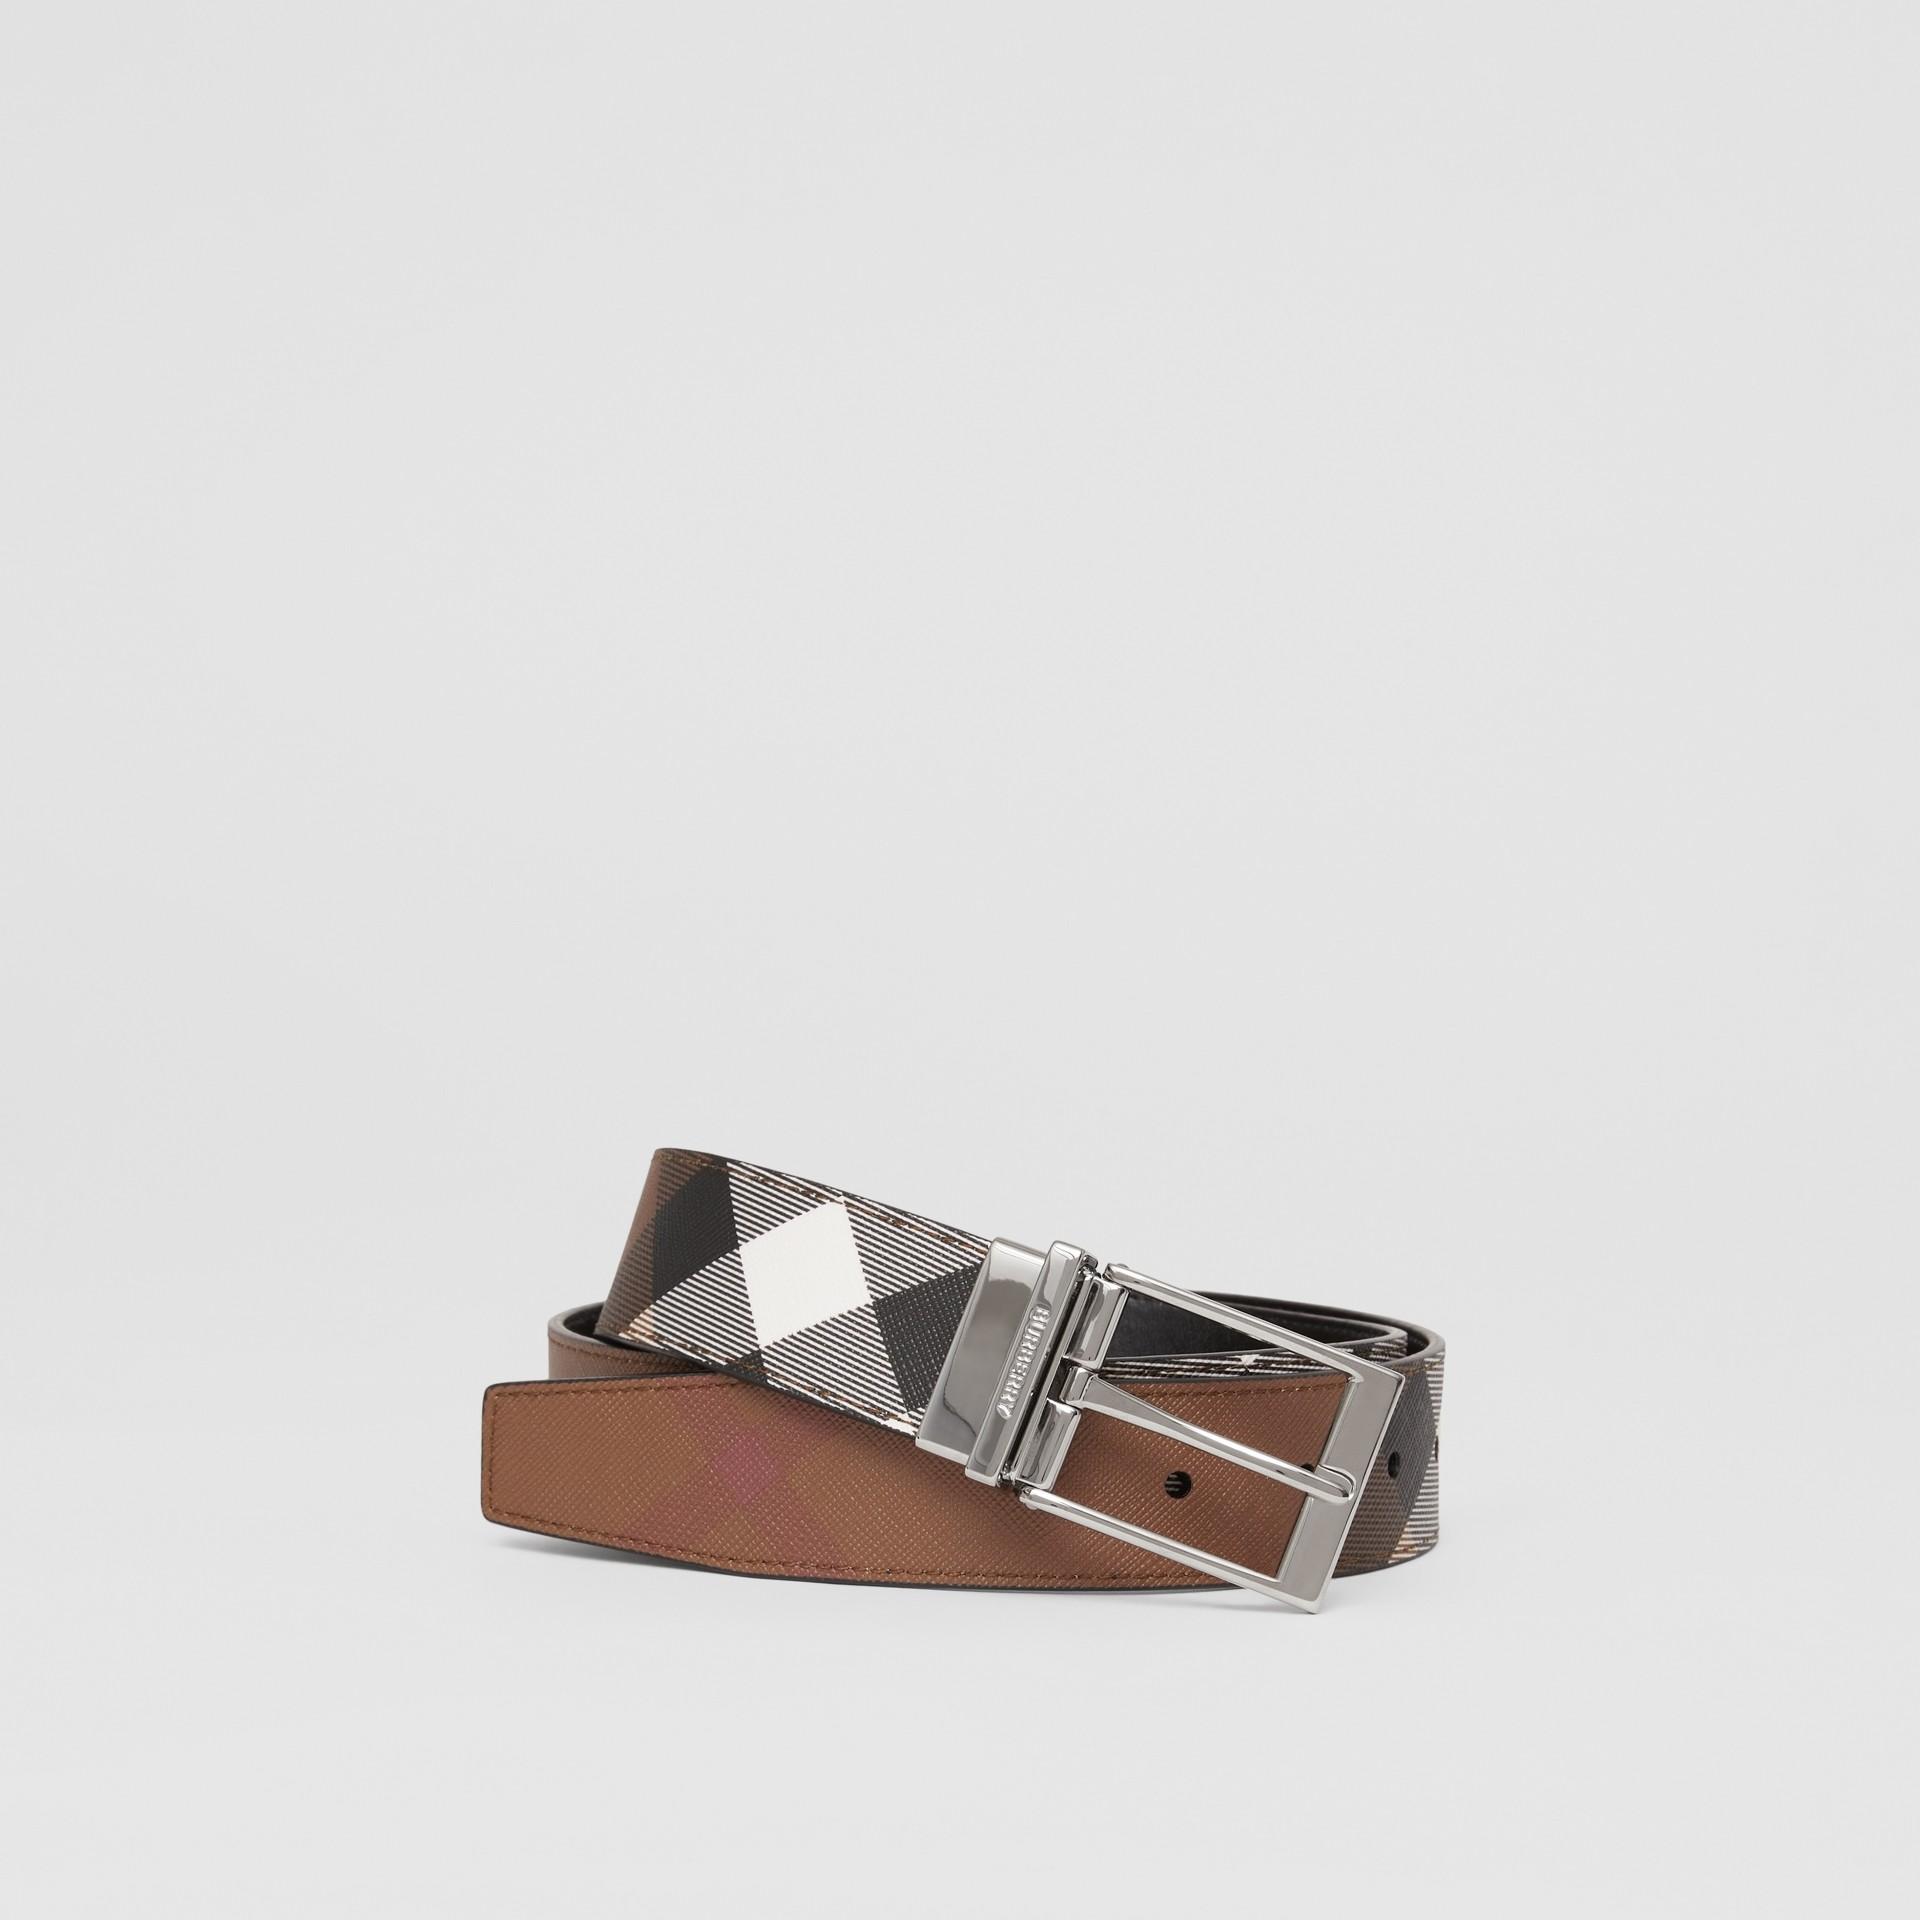 Cintura reversibile in e-canvas con motivo tartan e pelle (Marrone Betulla Scuro/nero) - Uomo | Burberry - immagine della galleria 0